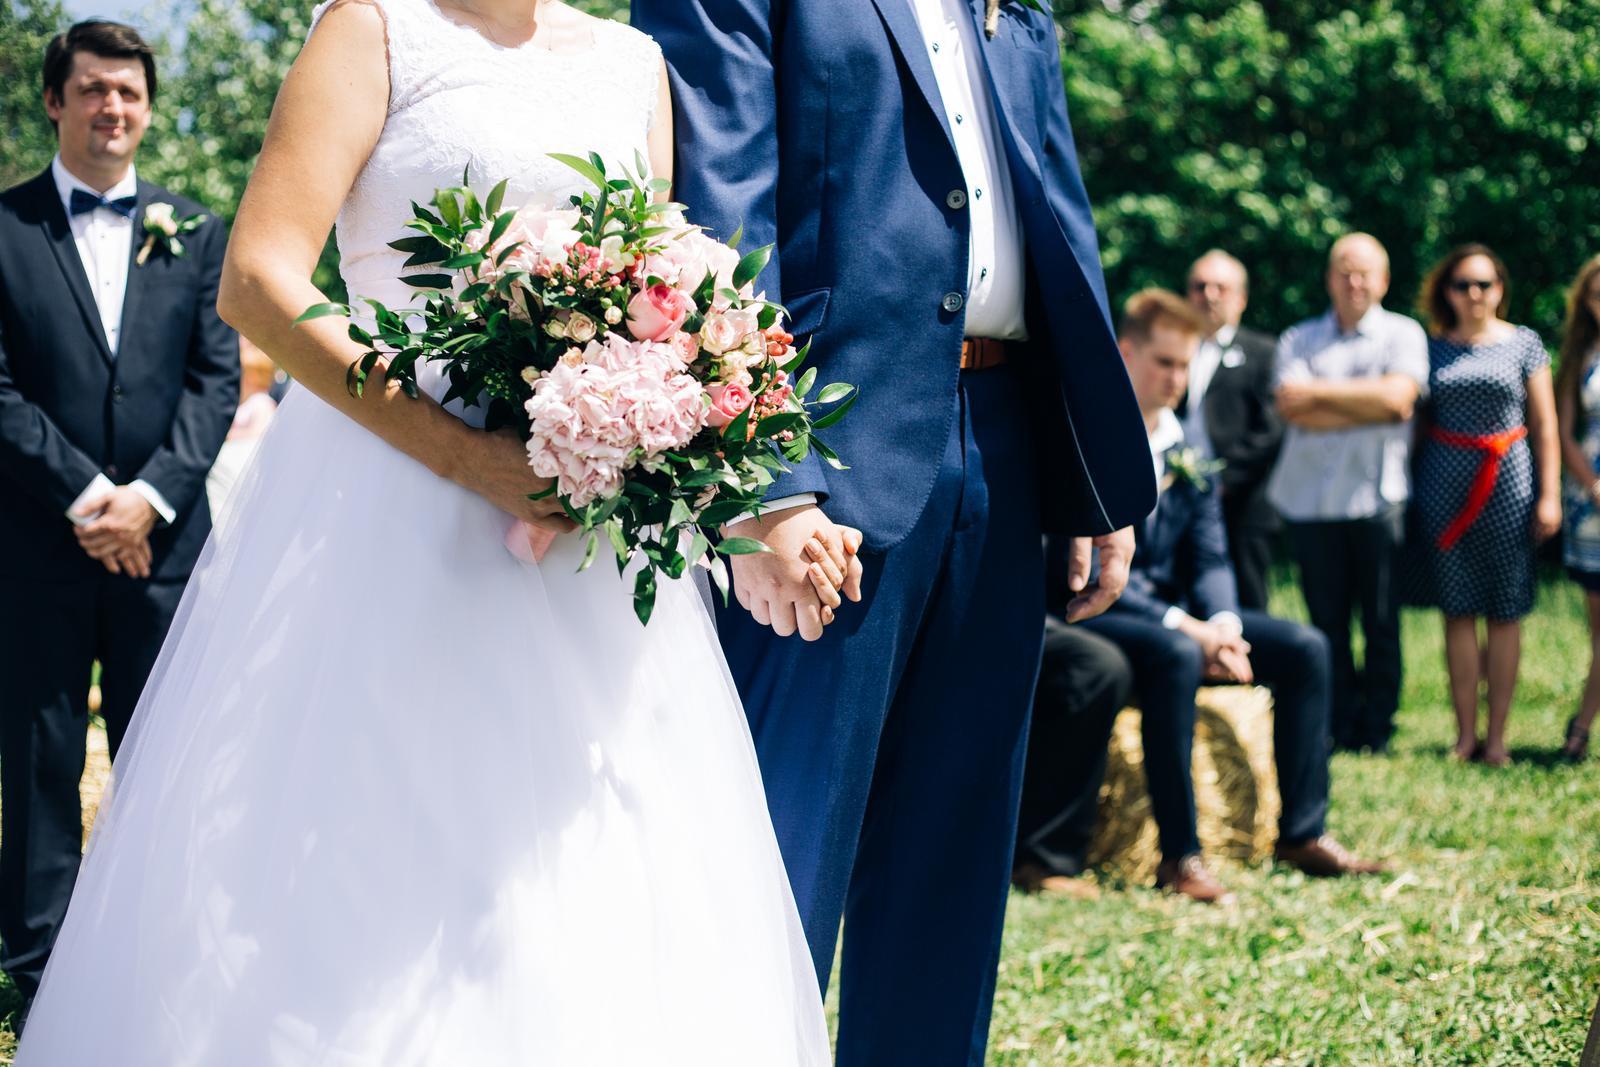 Volné termíny pro svatební kvítí 2020 - Obrázek č. 4